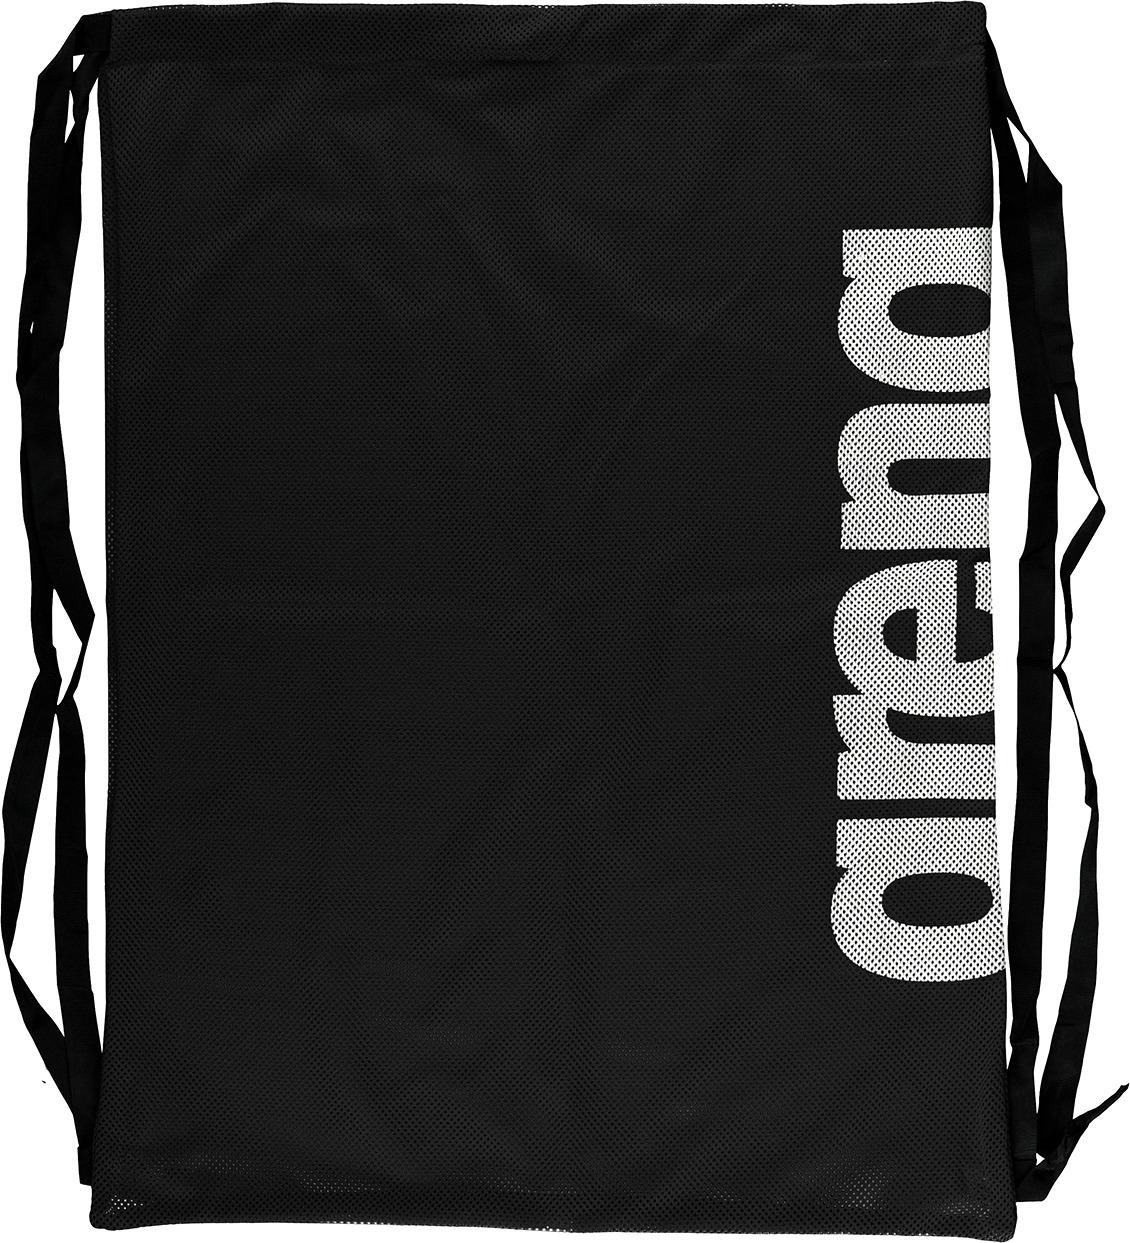 Легкий прочный мешок увеличенного объема для любой спортивной экипировки выполнен по технологии быстрого доступа. Всего за секунду Вы сможете легко закрыть и так же легко открыть мешок благодаря широким плоским шнуркам застежки. Мешок удобен и в качестве рюкзака. Изготовлен из дышащей прочной быстросохнущей сетки насыщенных цветов. Размер: 65 х 45см